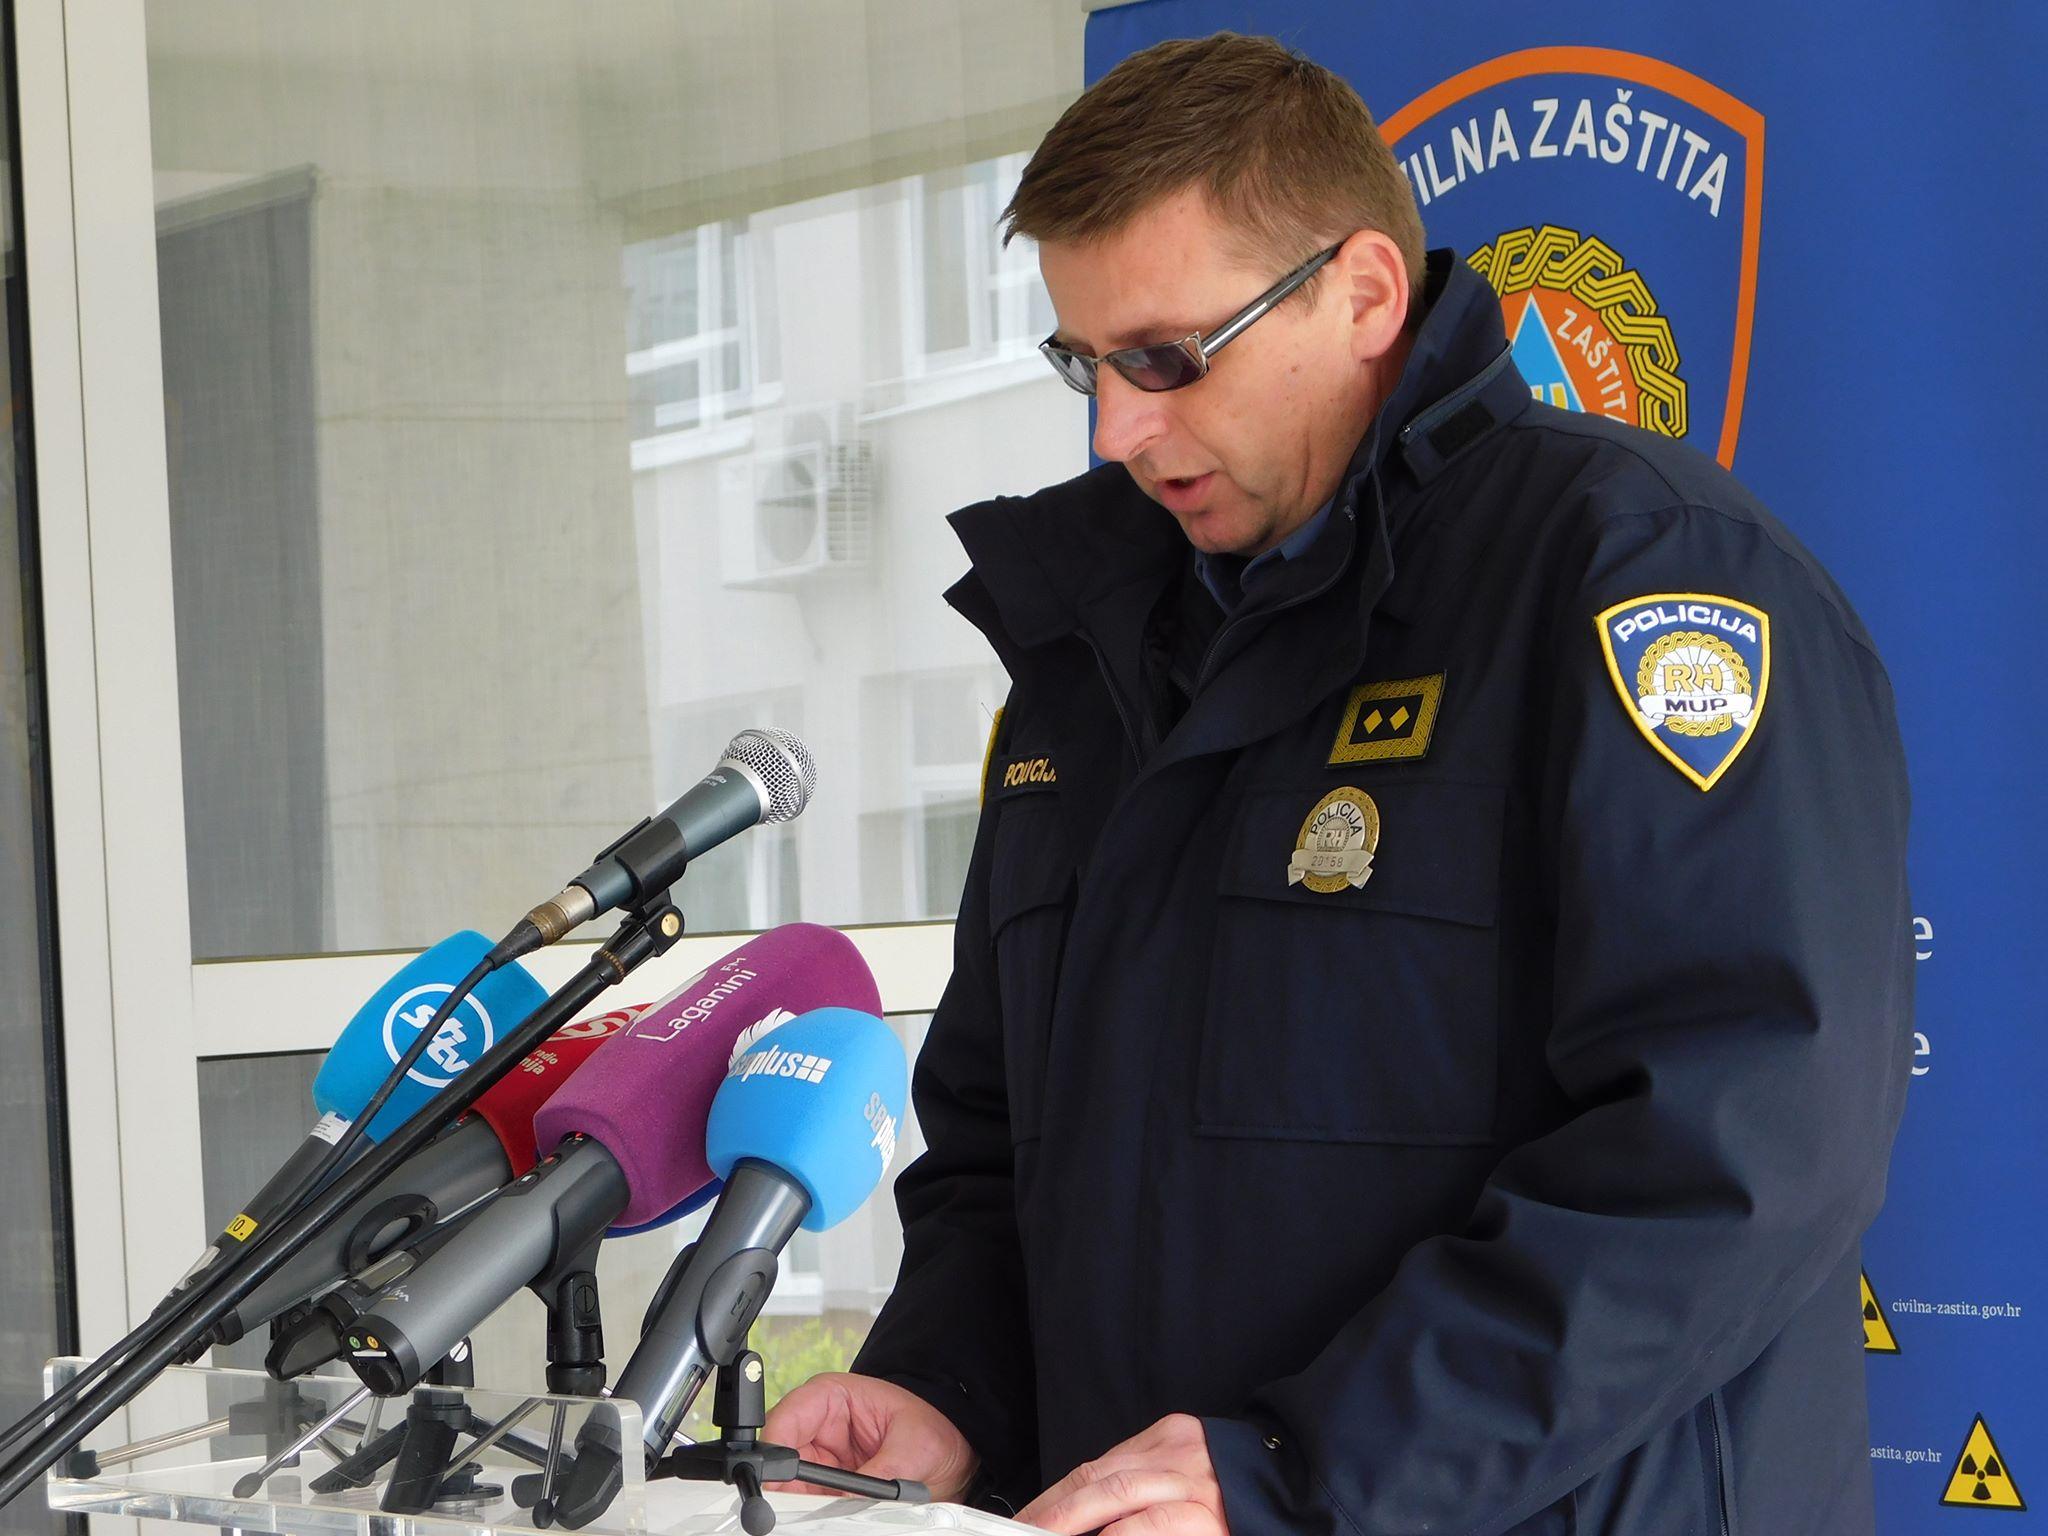 Evidentiran je jedan slučaj širenja lažnih vijesti na Facebook-u u Brodsko-posavskoj županiji